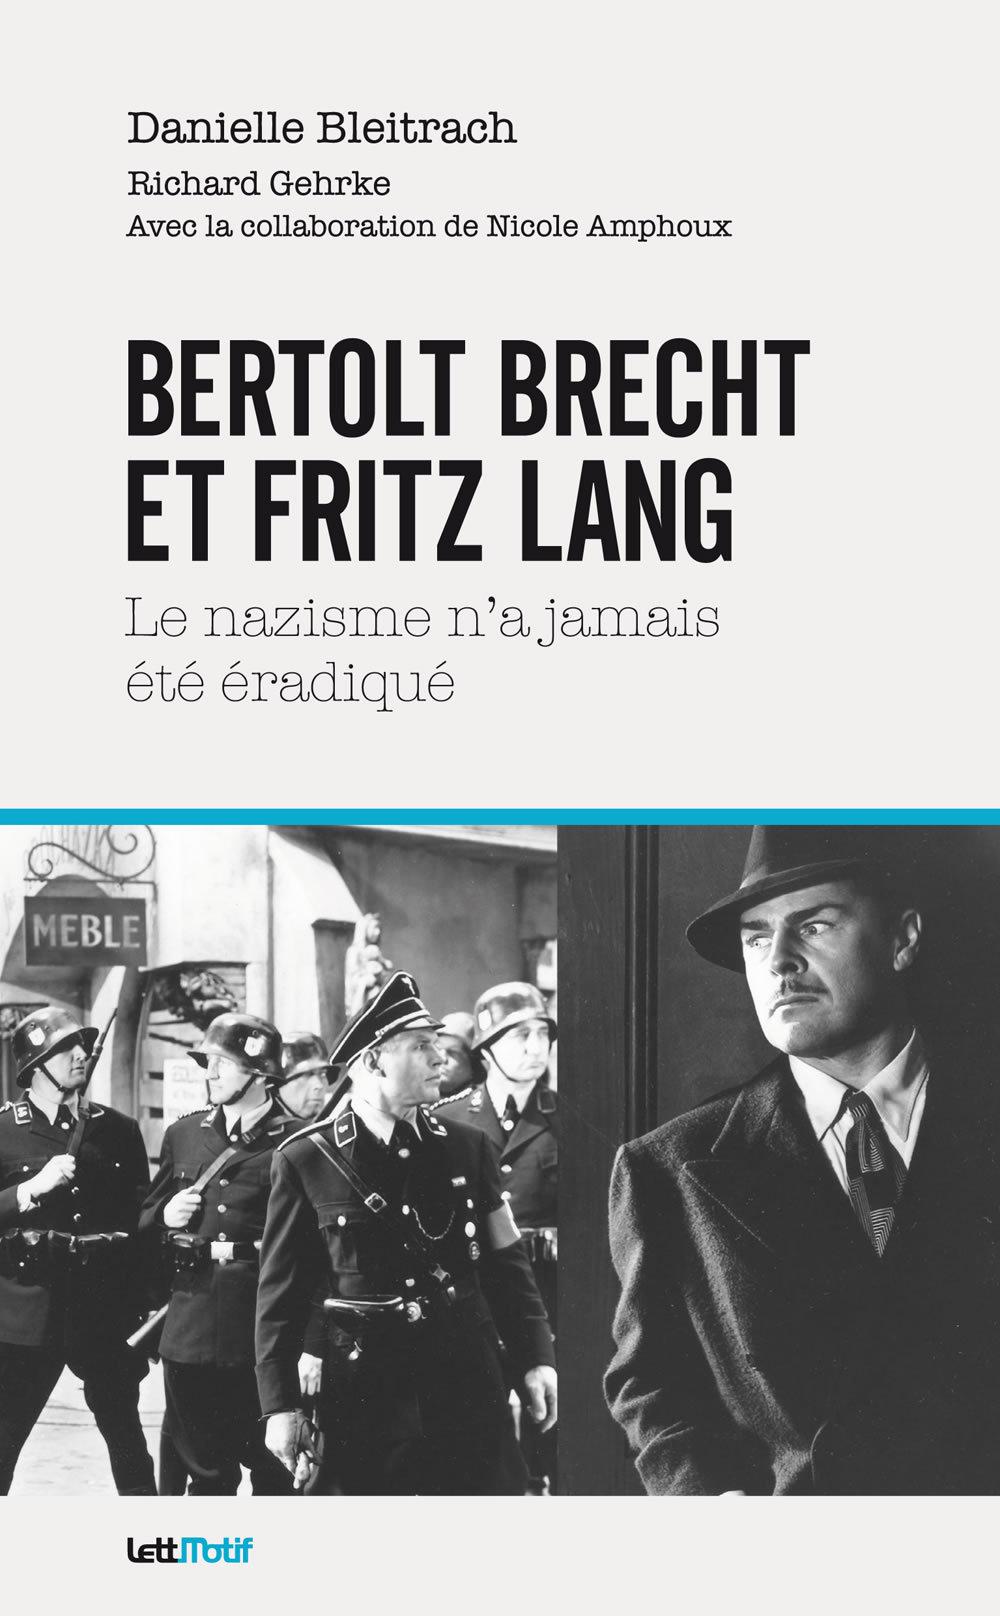 BERTOLT BRECHT ET FRITZ LANG : LE NAZISME N'A JAMAIS ETE ERADIQUE, SOCIOLOGIE DU CINEMA